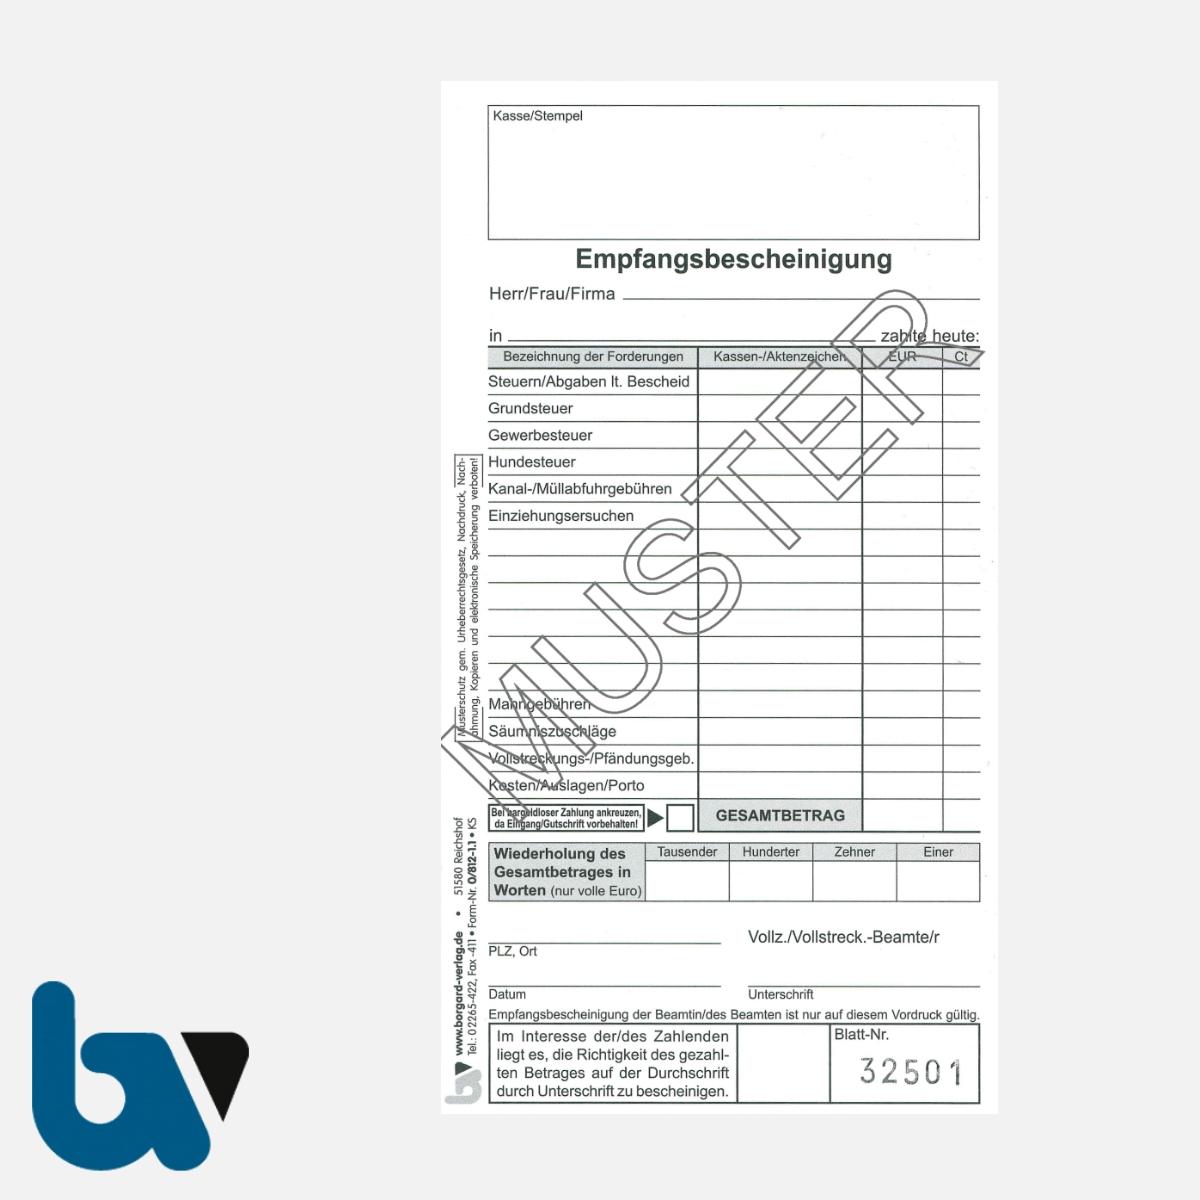 0/812-1.1 Quittung Empfangsbescheinigung Vollstreckung Vollziehung Beamte Forderung selbstdurchschreibend 2-fach Schreibschutzdeckel Nummerierung fortlaufend DIN lang S 1 | Borgard Verlag GmbH